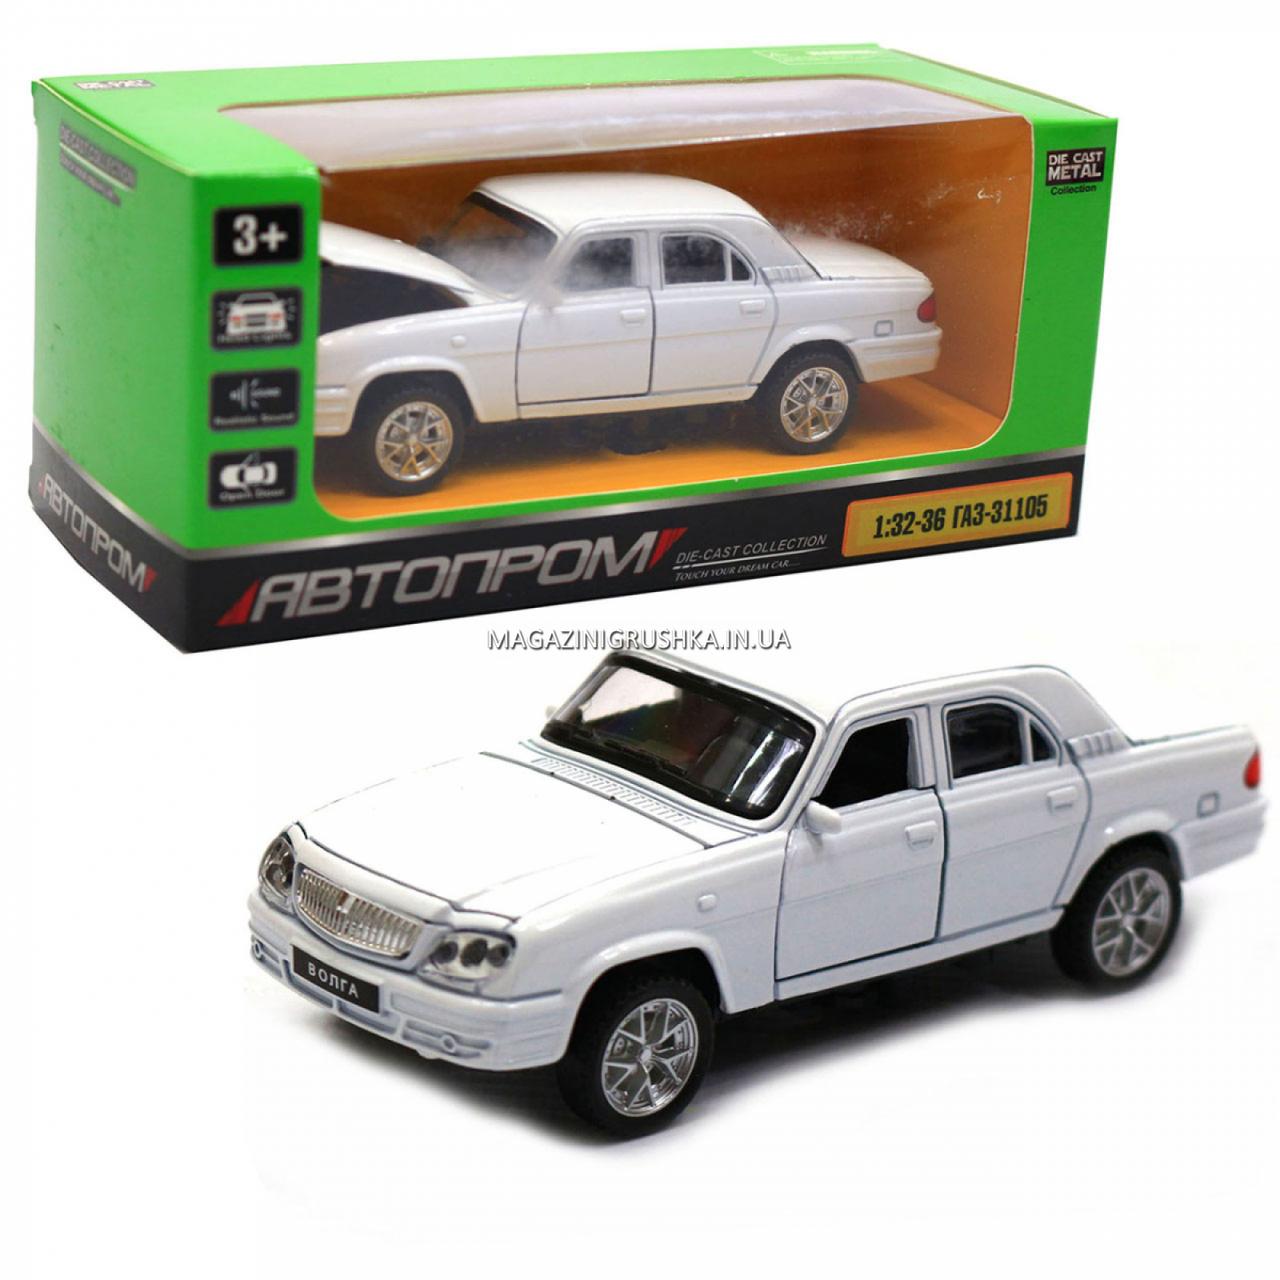 Машинка игровая автопром ГАЗ-31105 «Волга» белый (свет, звук, металл) 7506